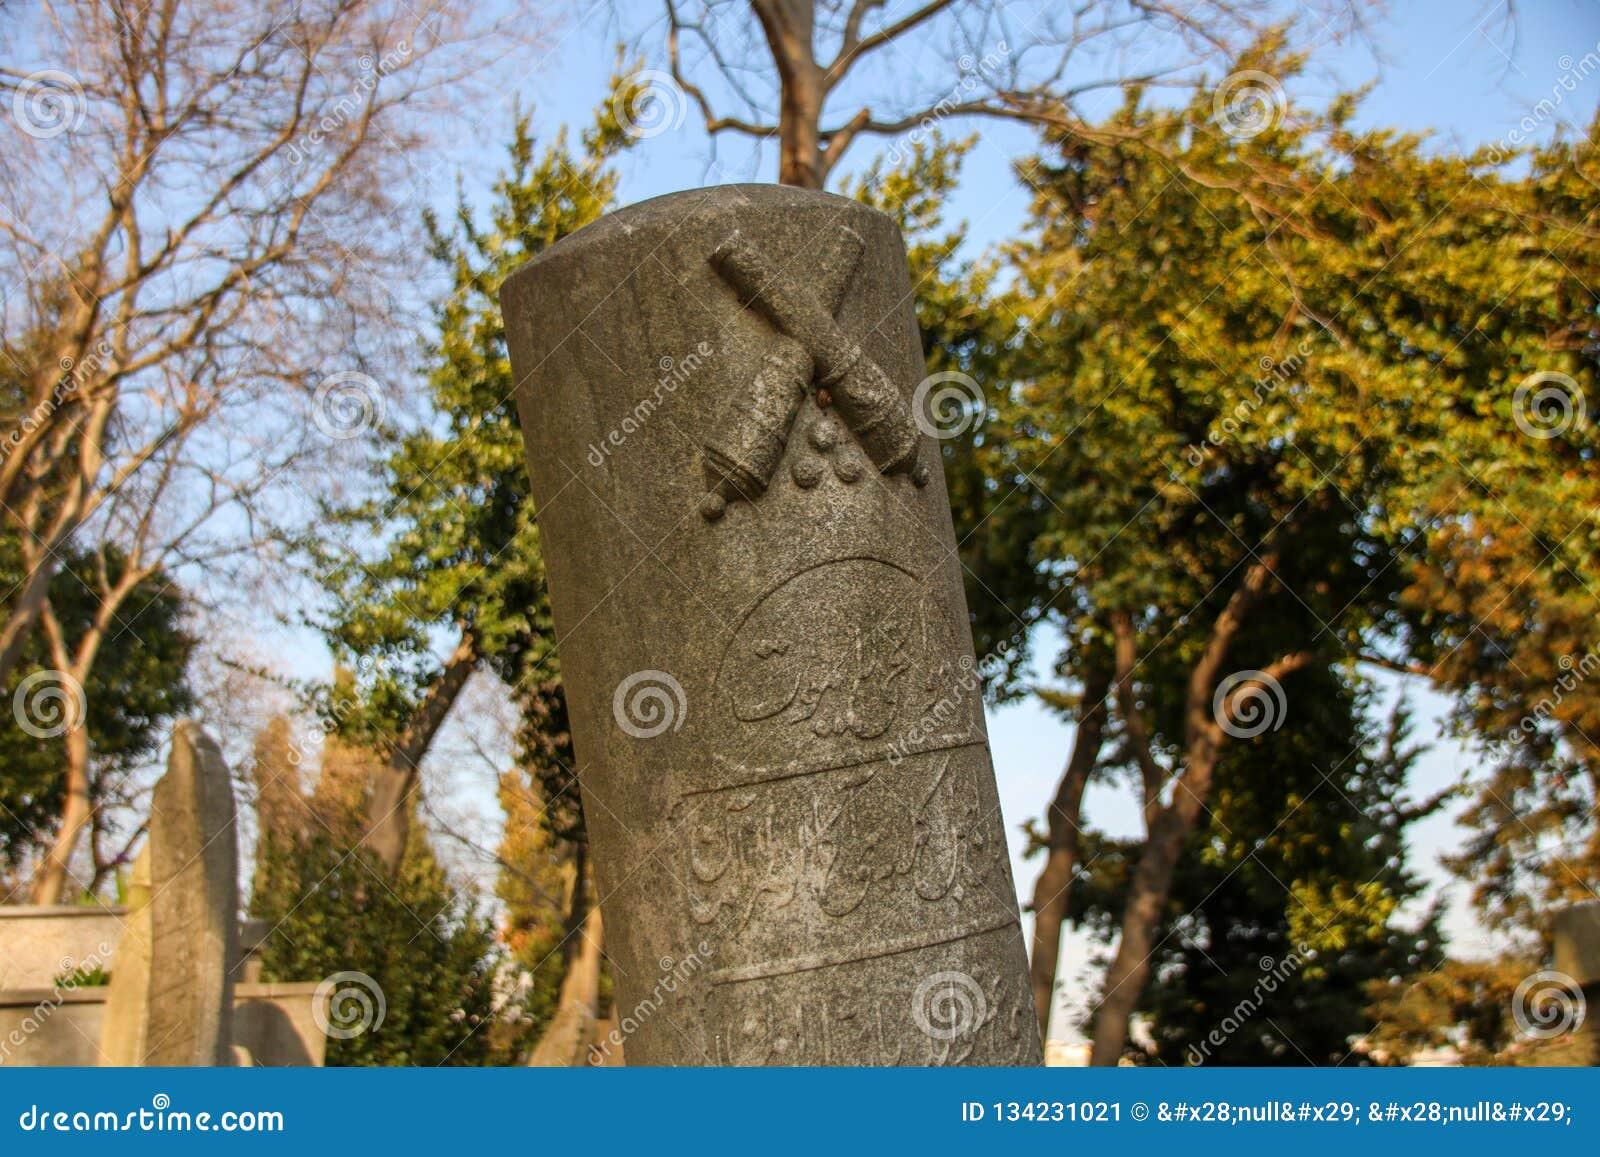 Αρχαία πέτρα τάφων, η οθωμανική περίοδος, Τουρκία